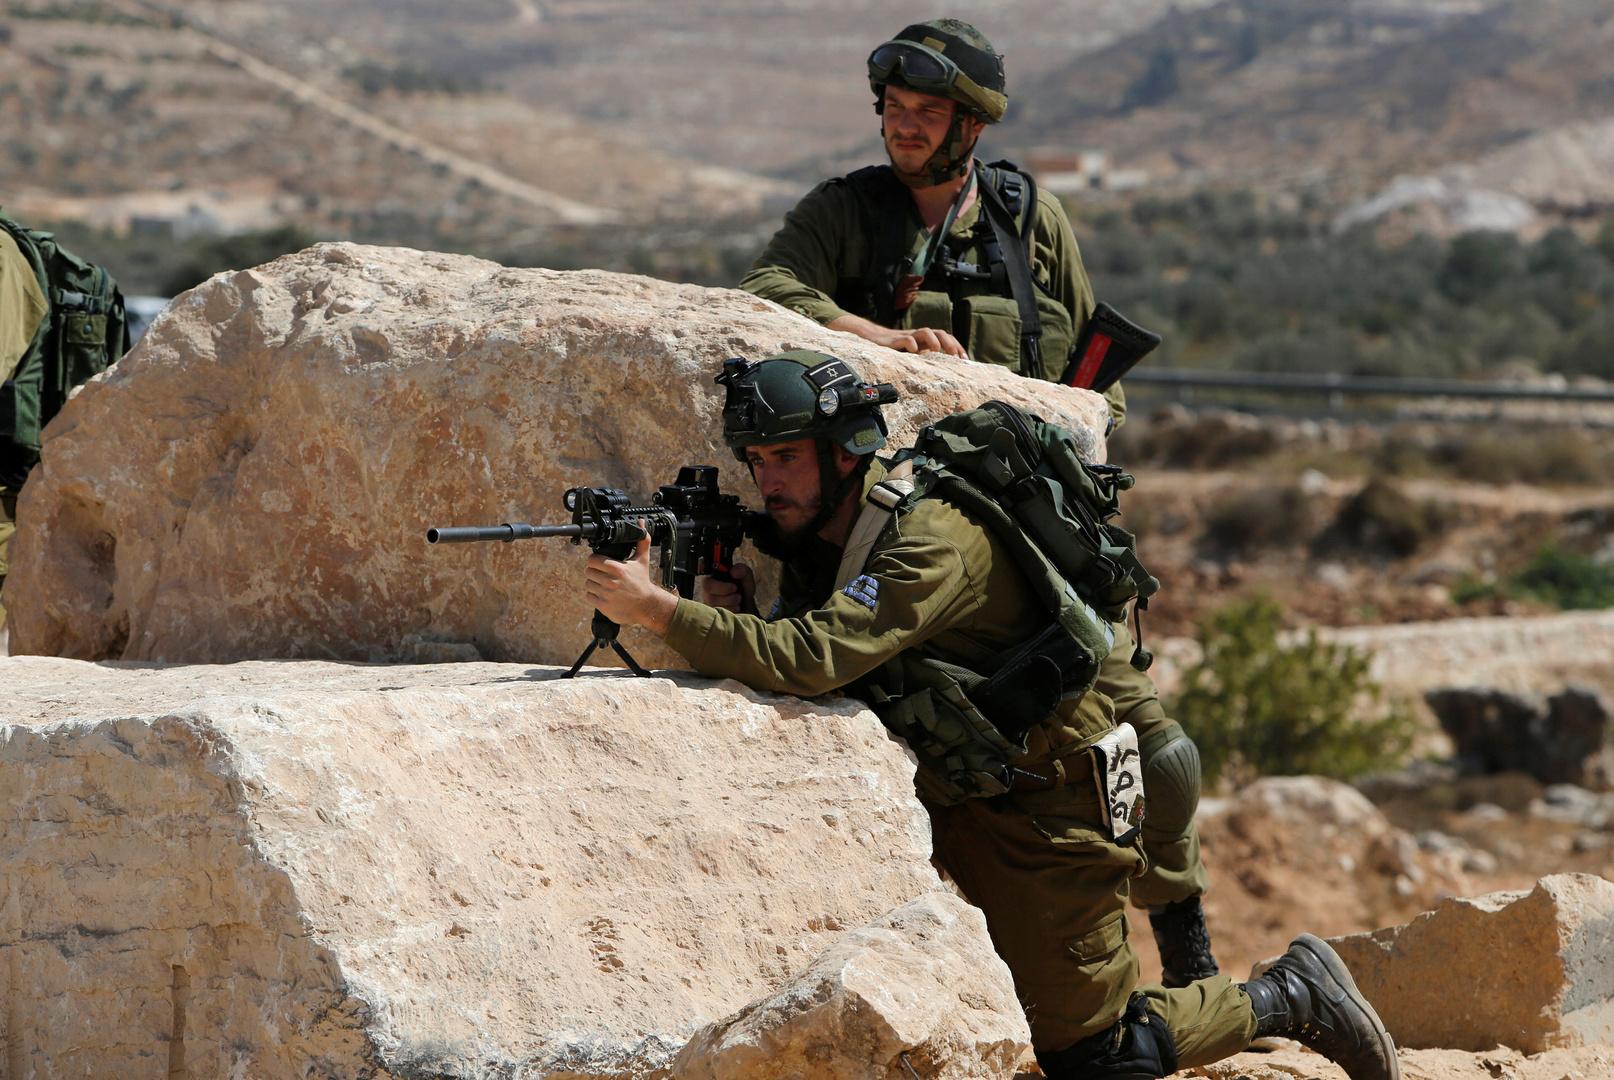 الجيش الإسرائيلي يقتحم بلدة عقربا جنوب نابلس ويصادر مركبة على خلفية حادث حاجز زعترة (صورة)